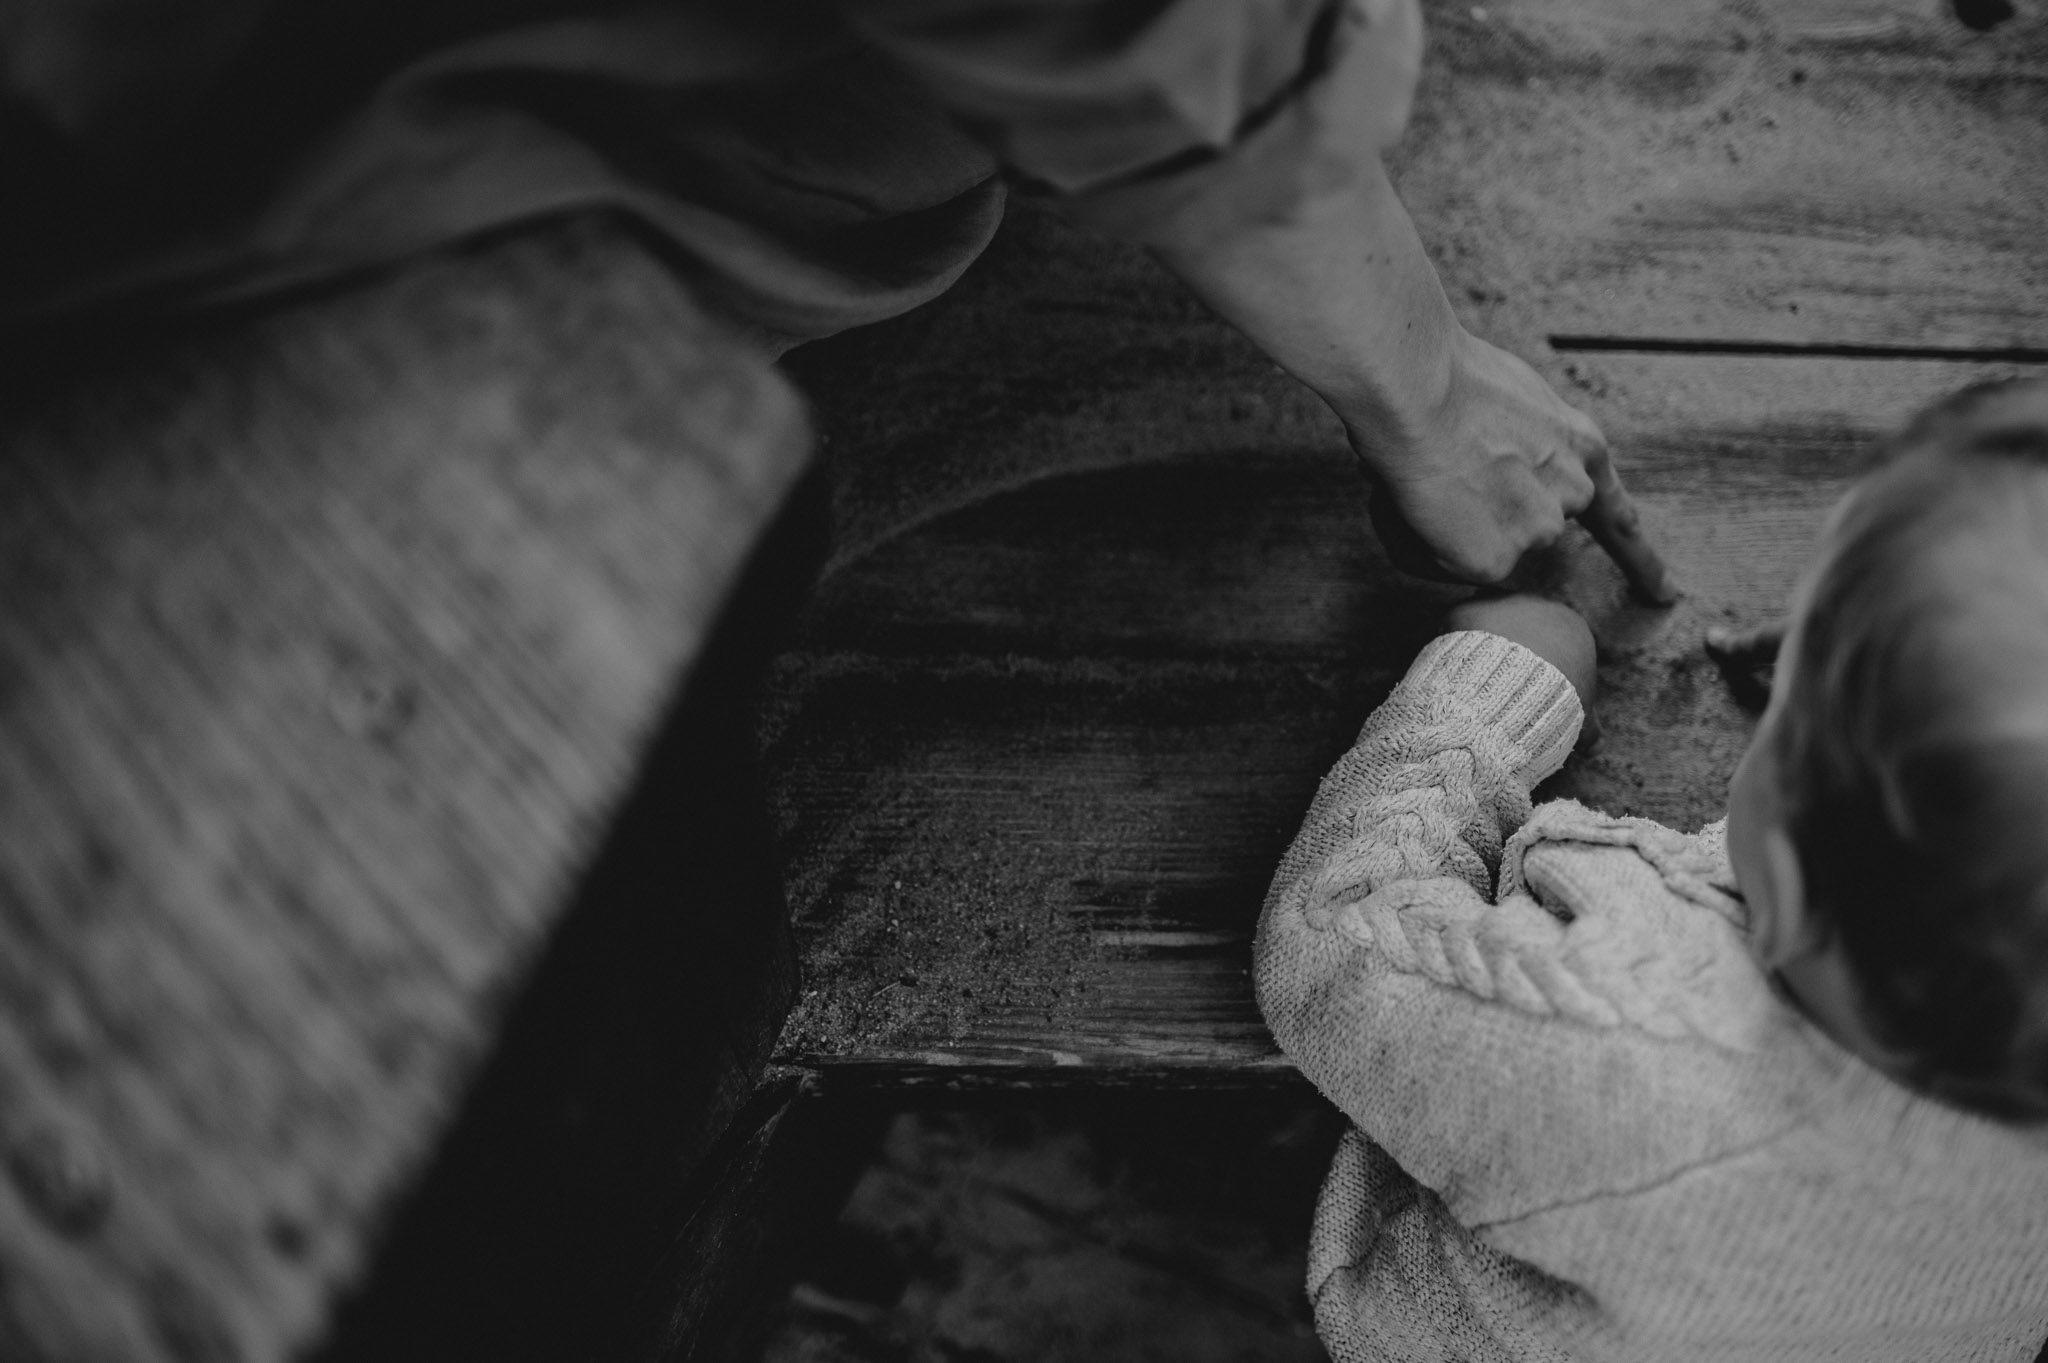 rączka dziecka oparta o drewnianą deskę - sesja rodzinna w plenerze jesienna Poznań